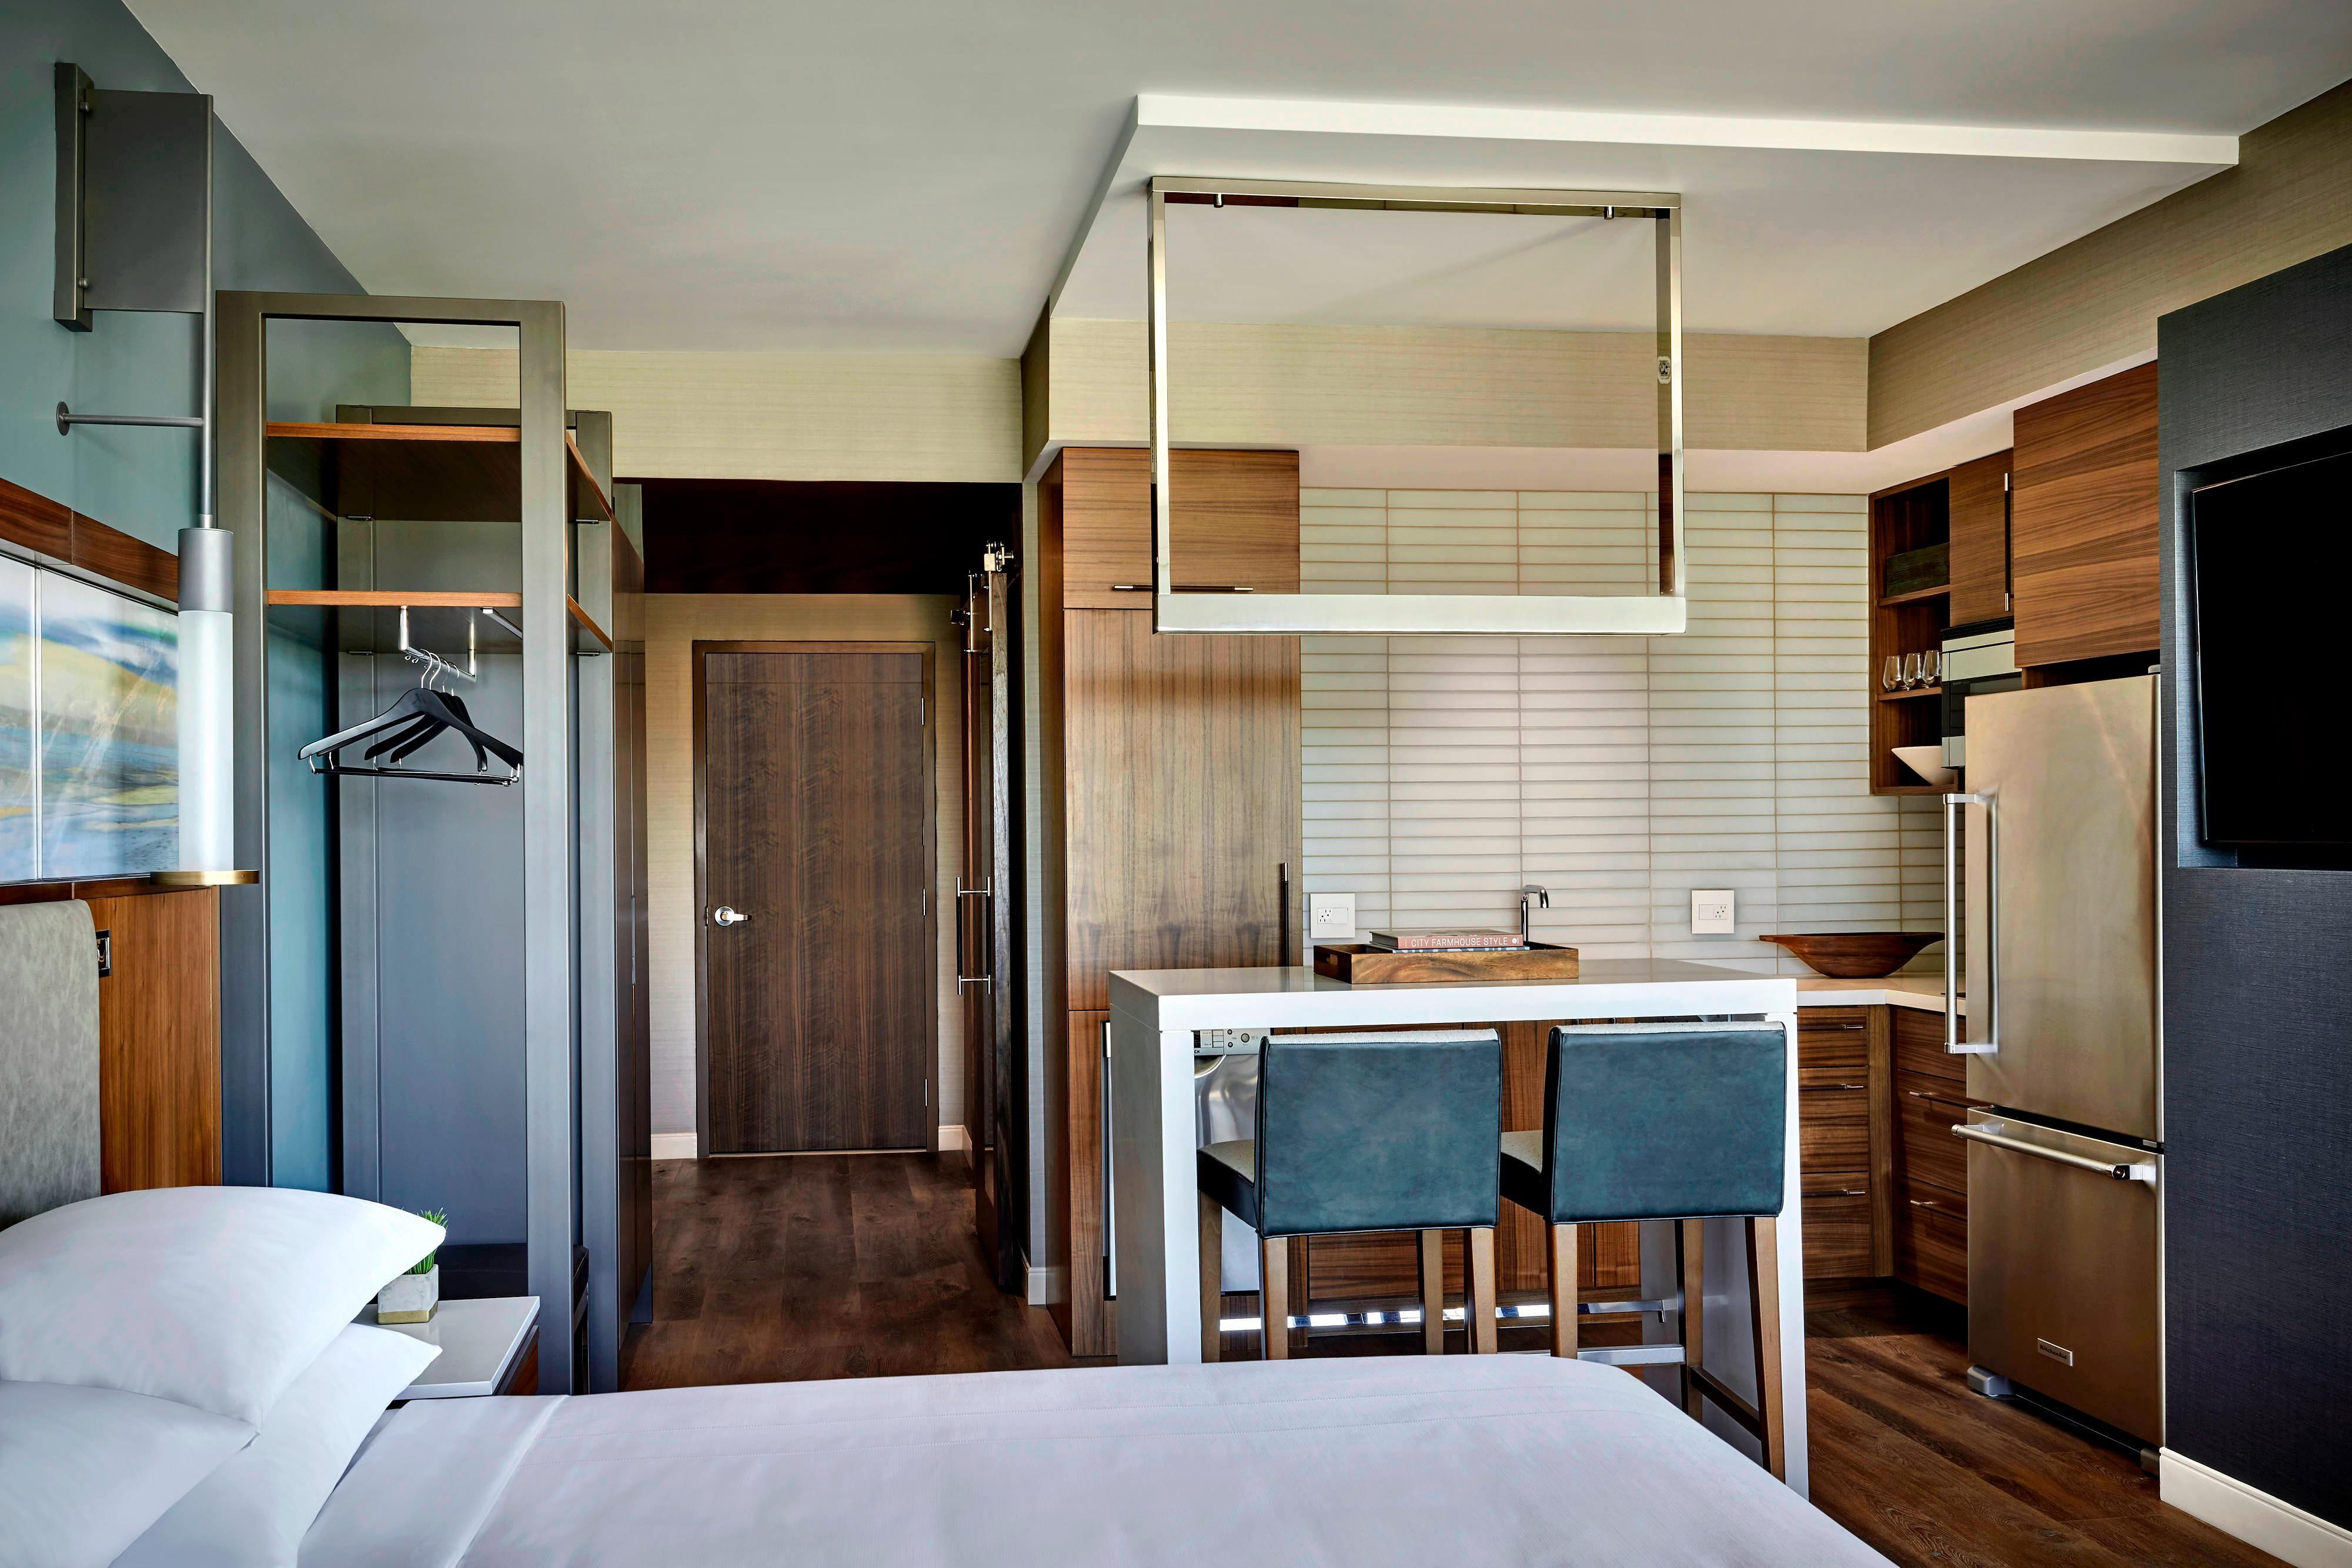 Premier King Suite - Kitchen Area